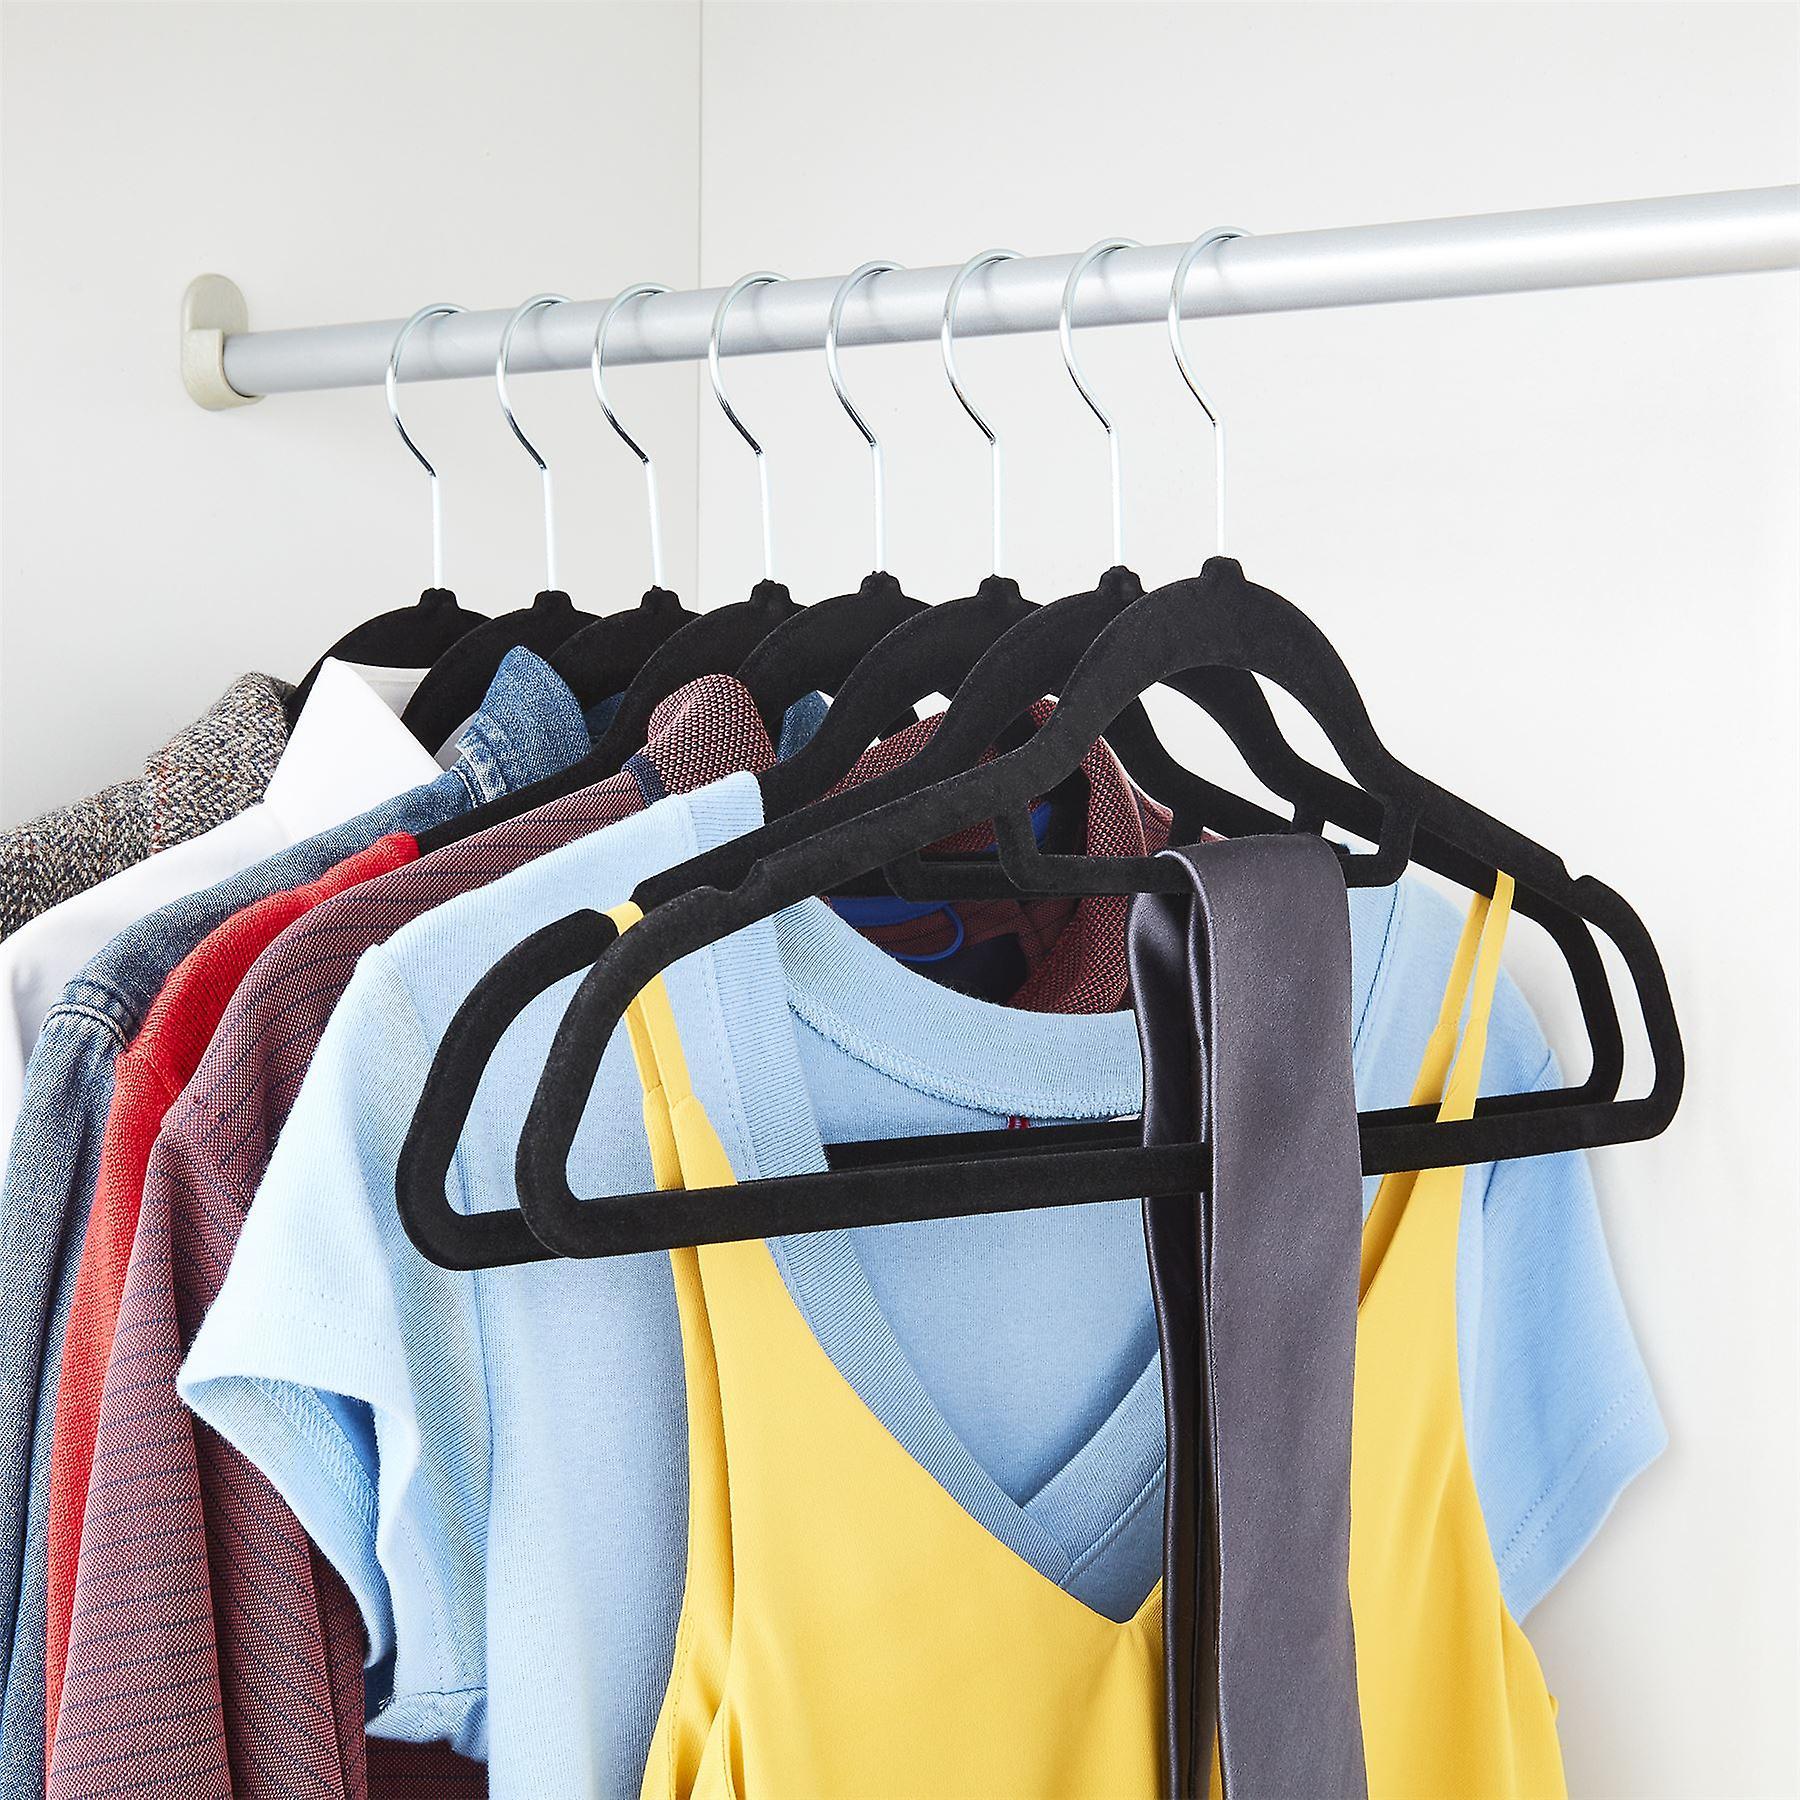 20 Black Non Slip Velvet Hangers With Tie Belt Scarf Holder - Ultra slim design